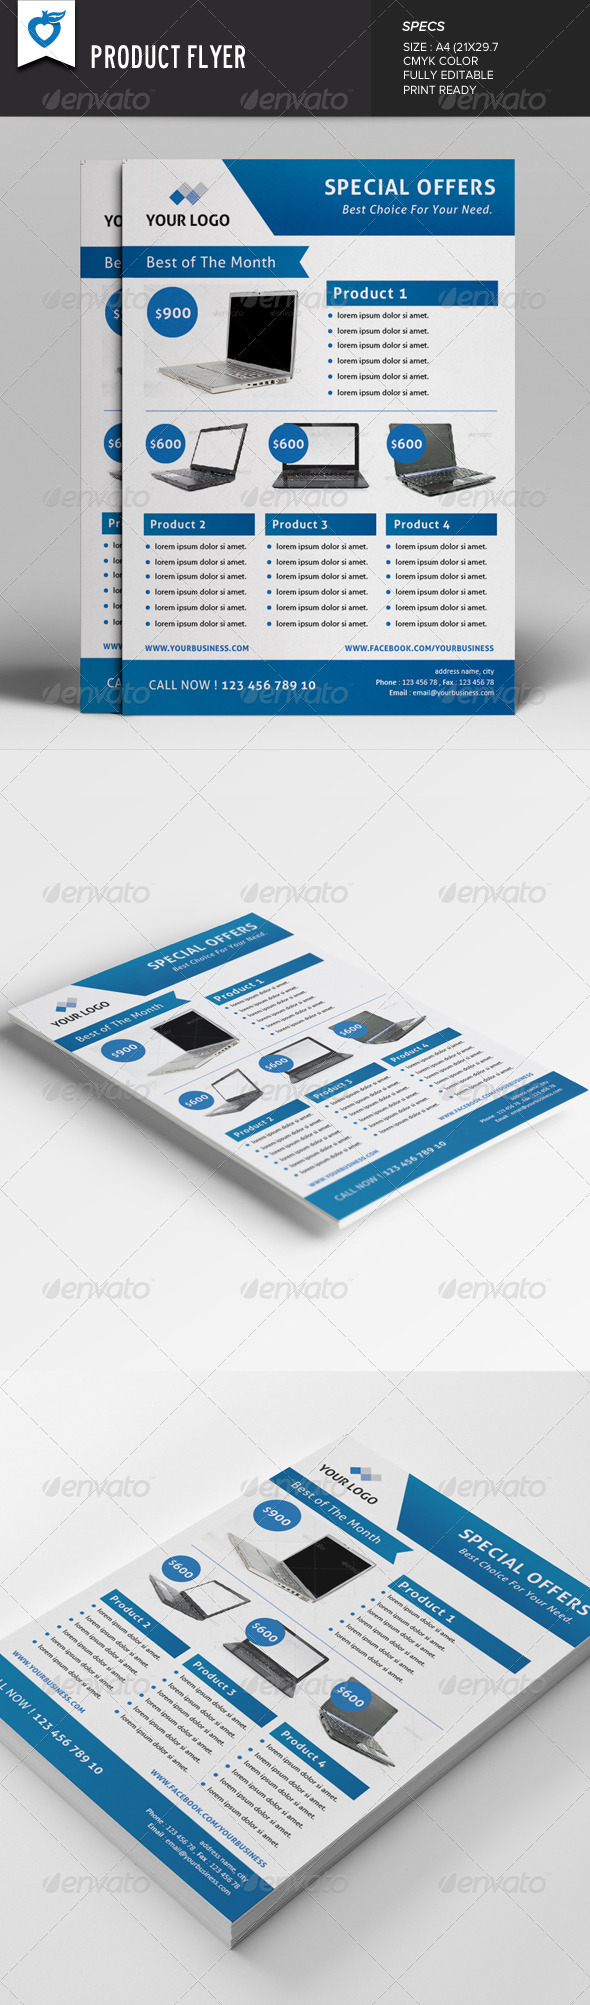 Product Flyer v2